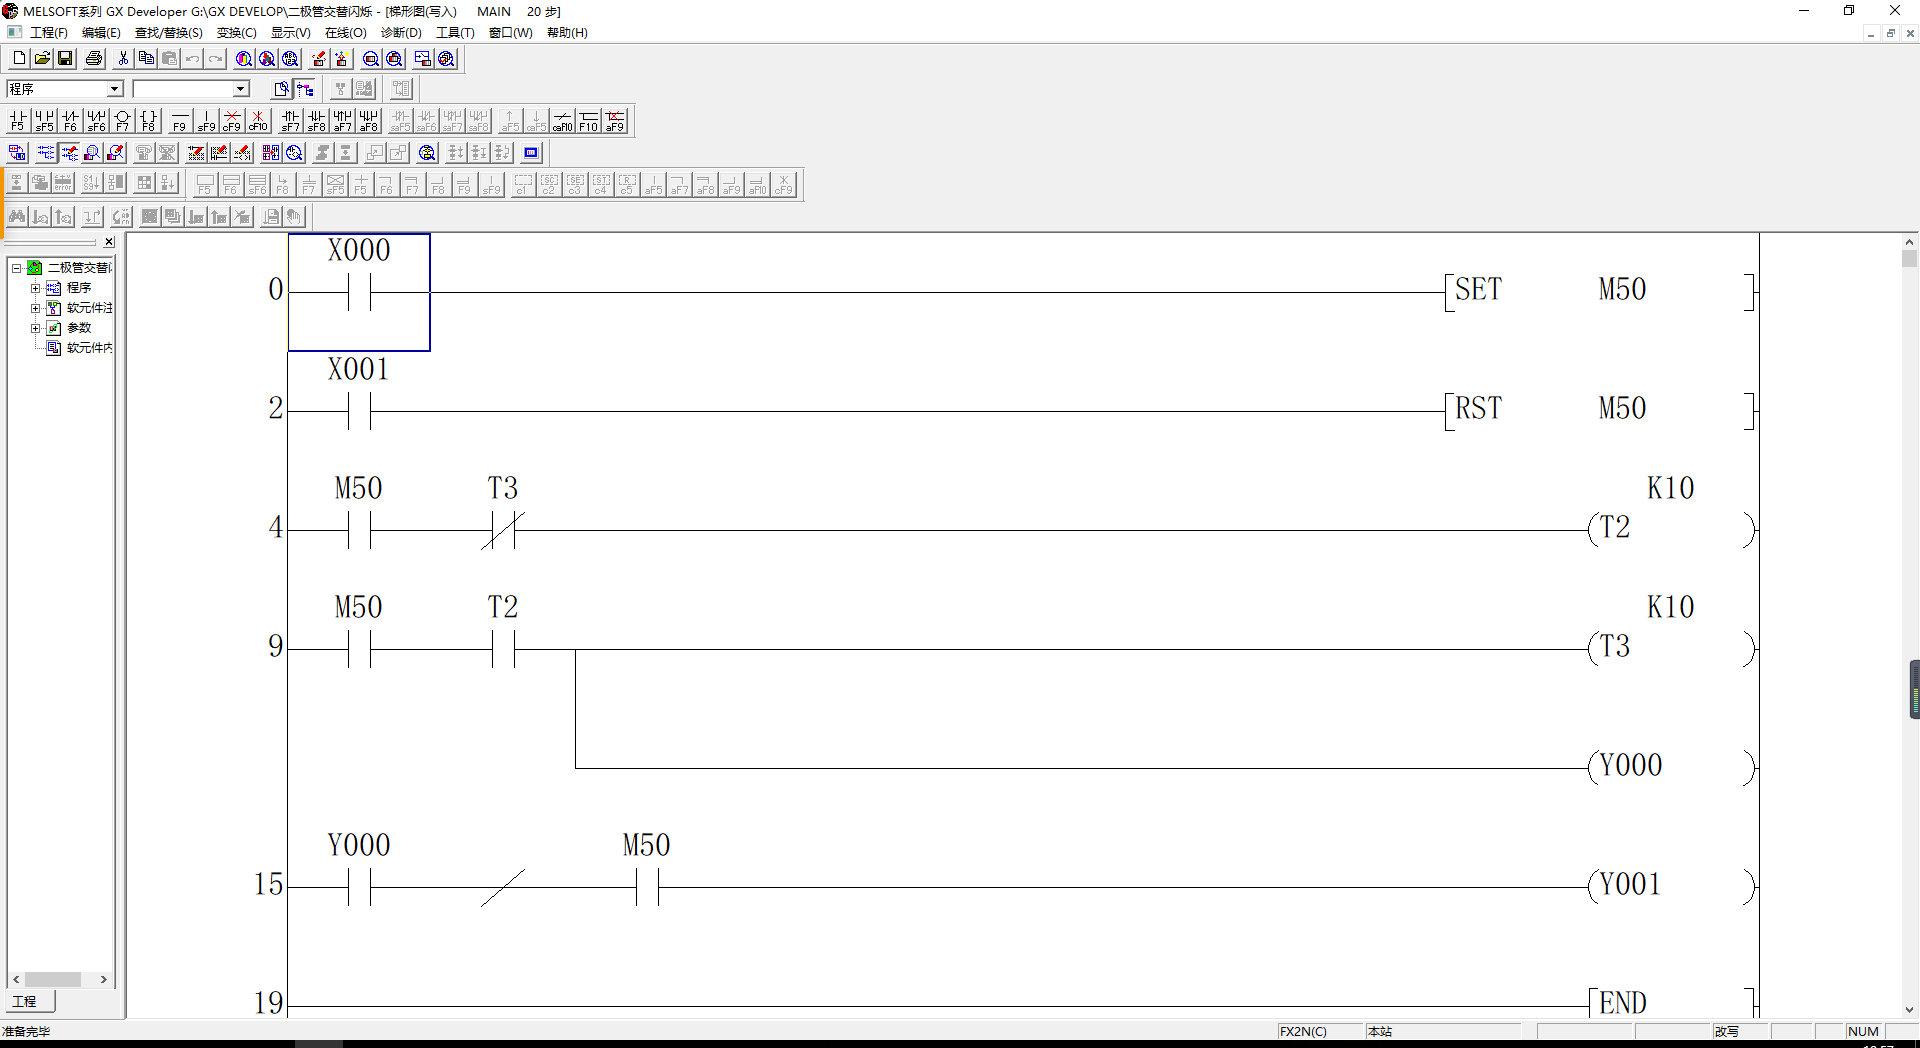 三菱GX Developer8.86中文版